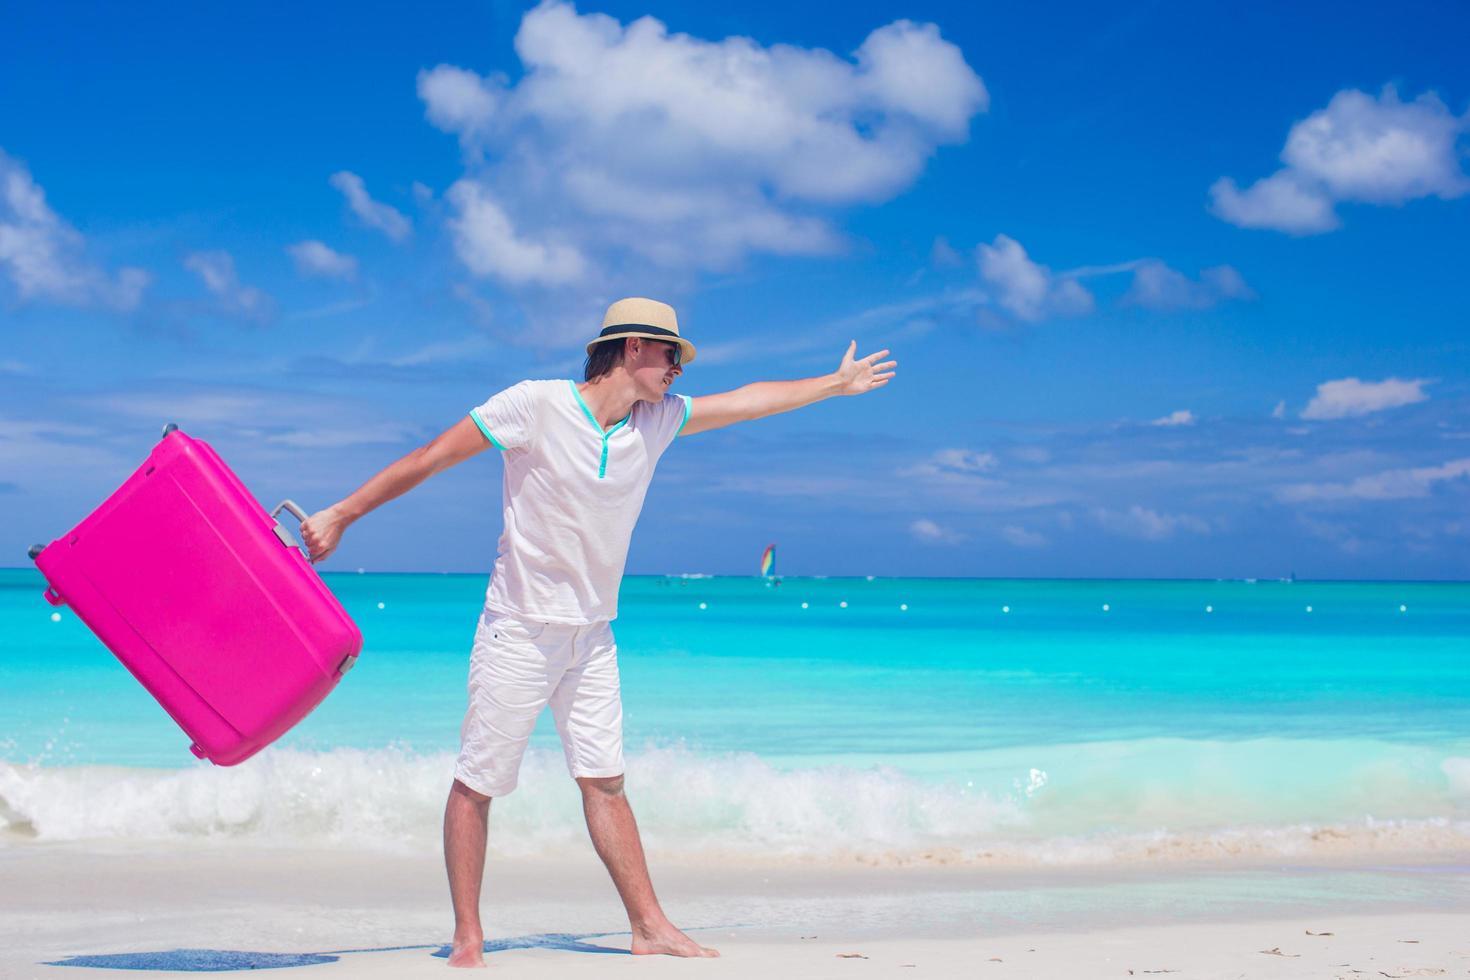 uomo che cammina con una valigia su una spiaggia foto